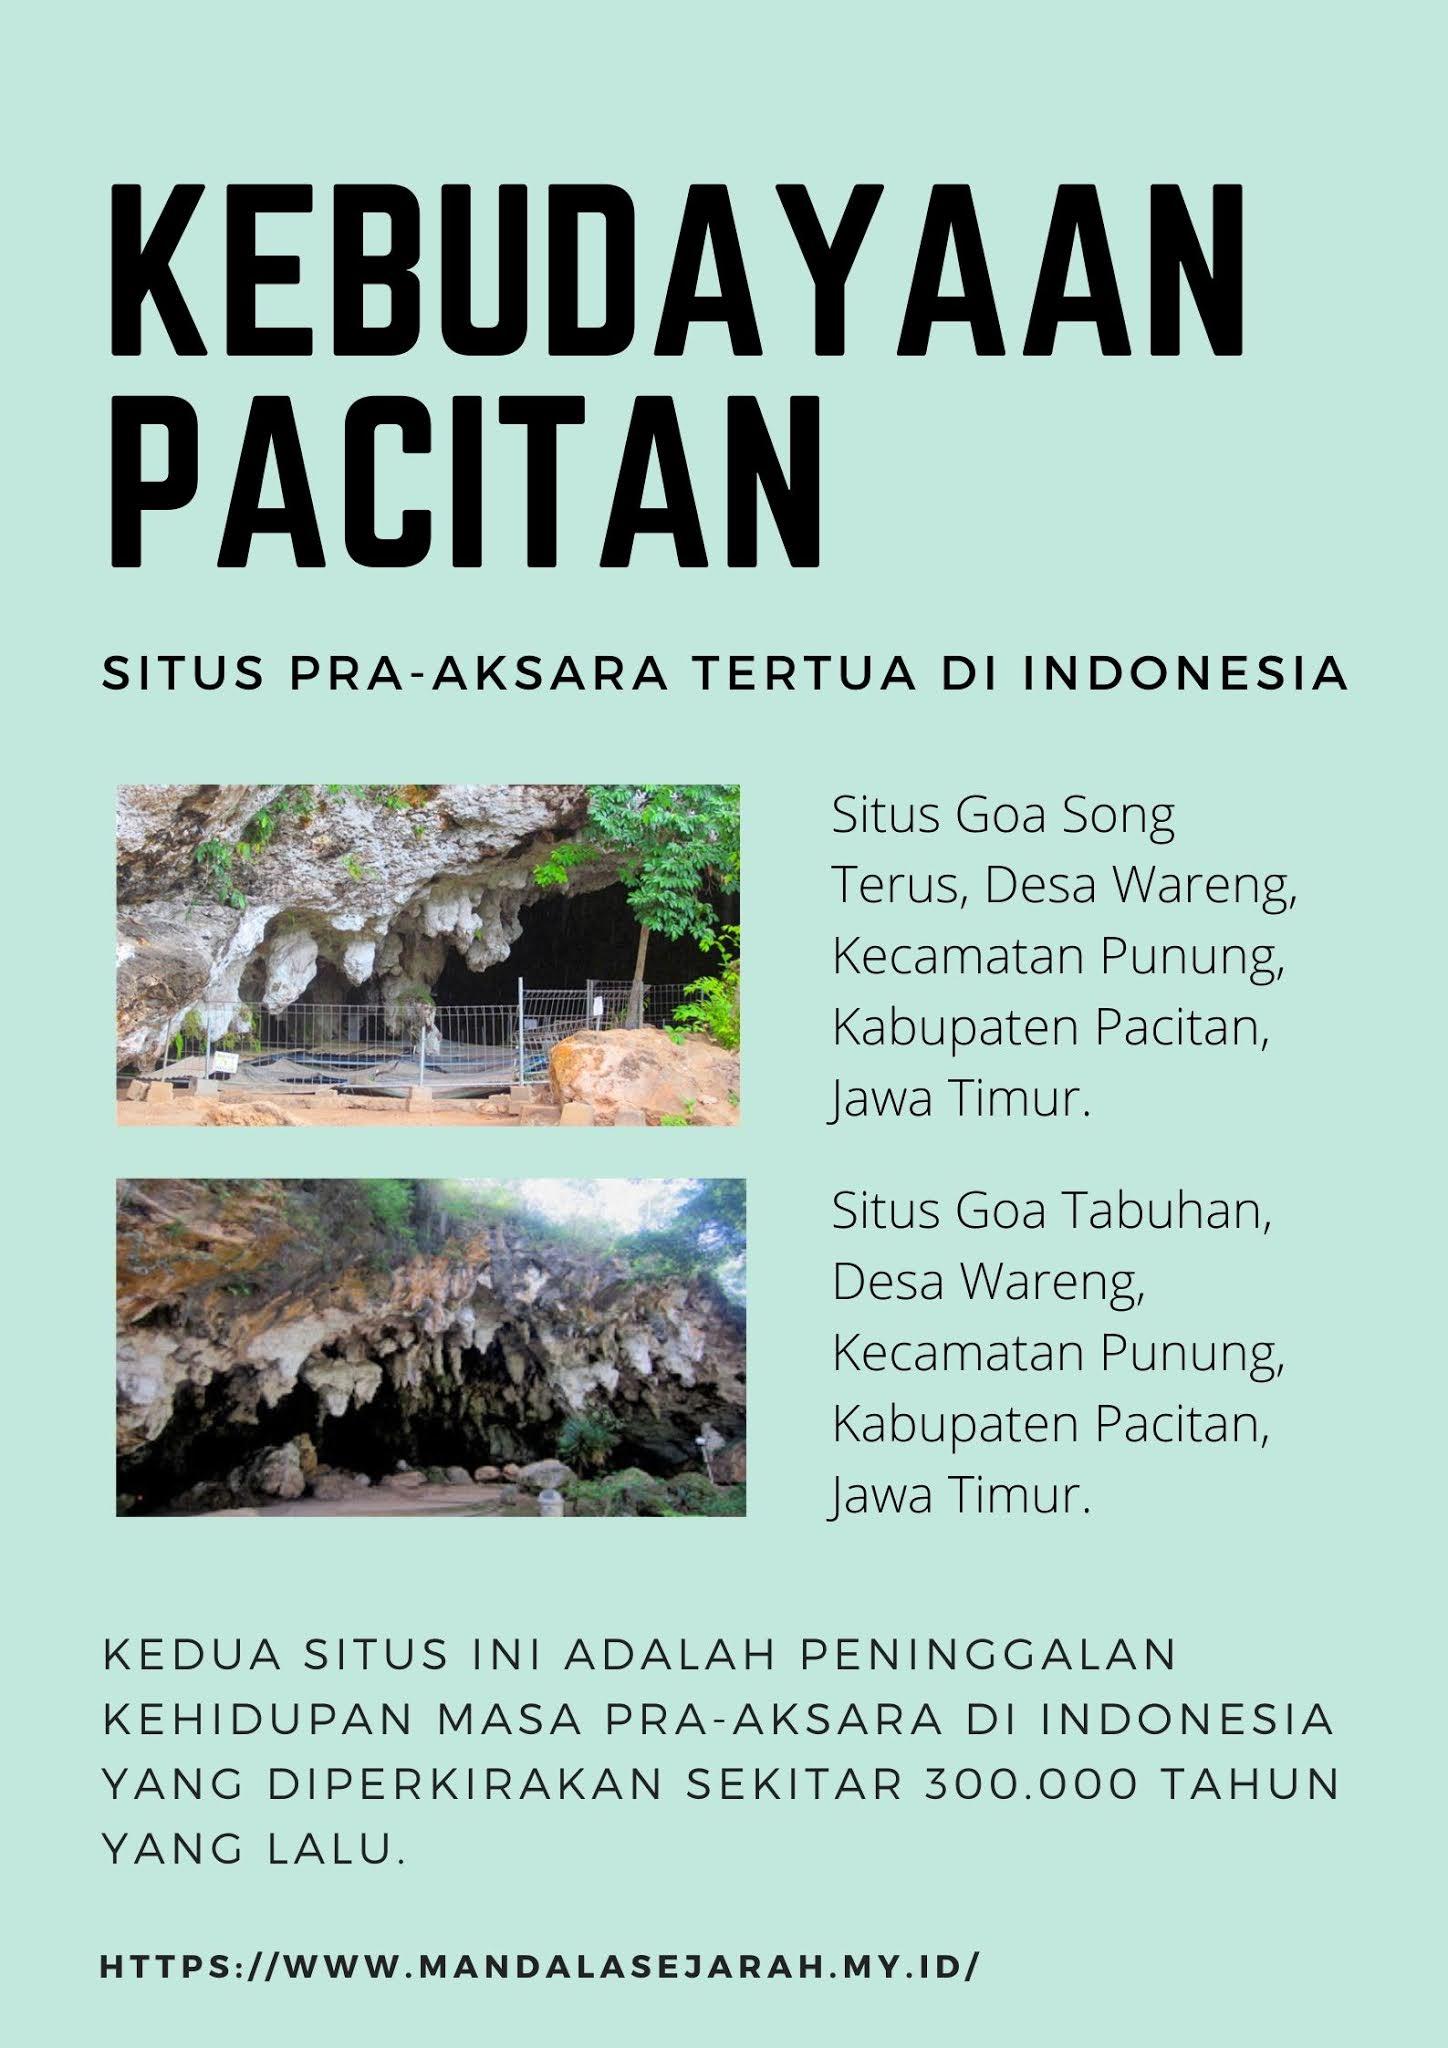 Situs kebudayaan pacitan